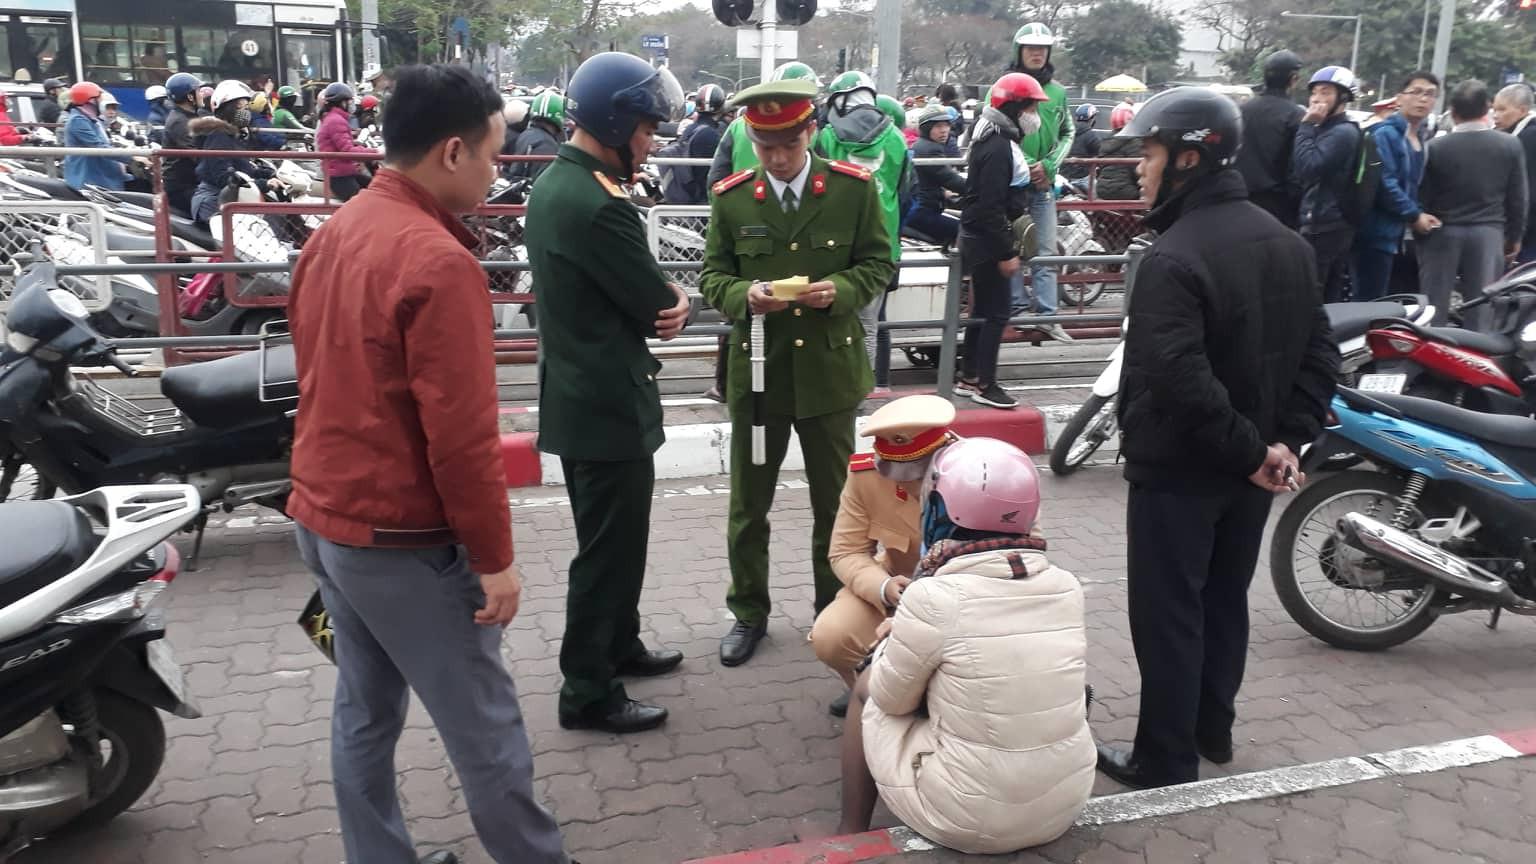 Nạn nhân bàng hoàng kể lại vụ ô tô đâm hàng loạt xe đang dừng đèn đỏ ở Hà Nội: 'May là tôi bị húc văng lên chứ không bị cuốn vào gầm xe...' - Ảnh 1